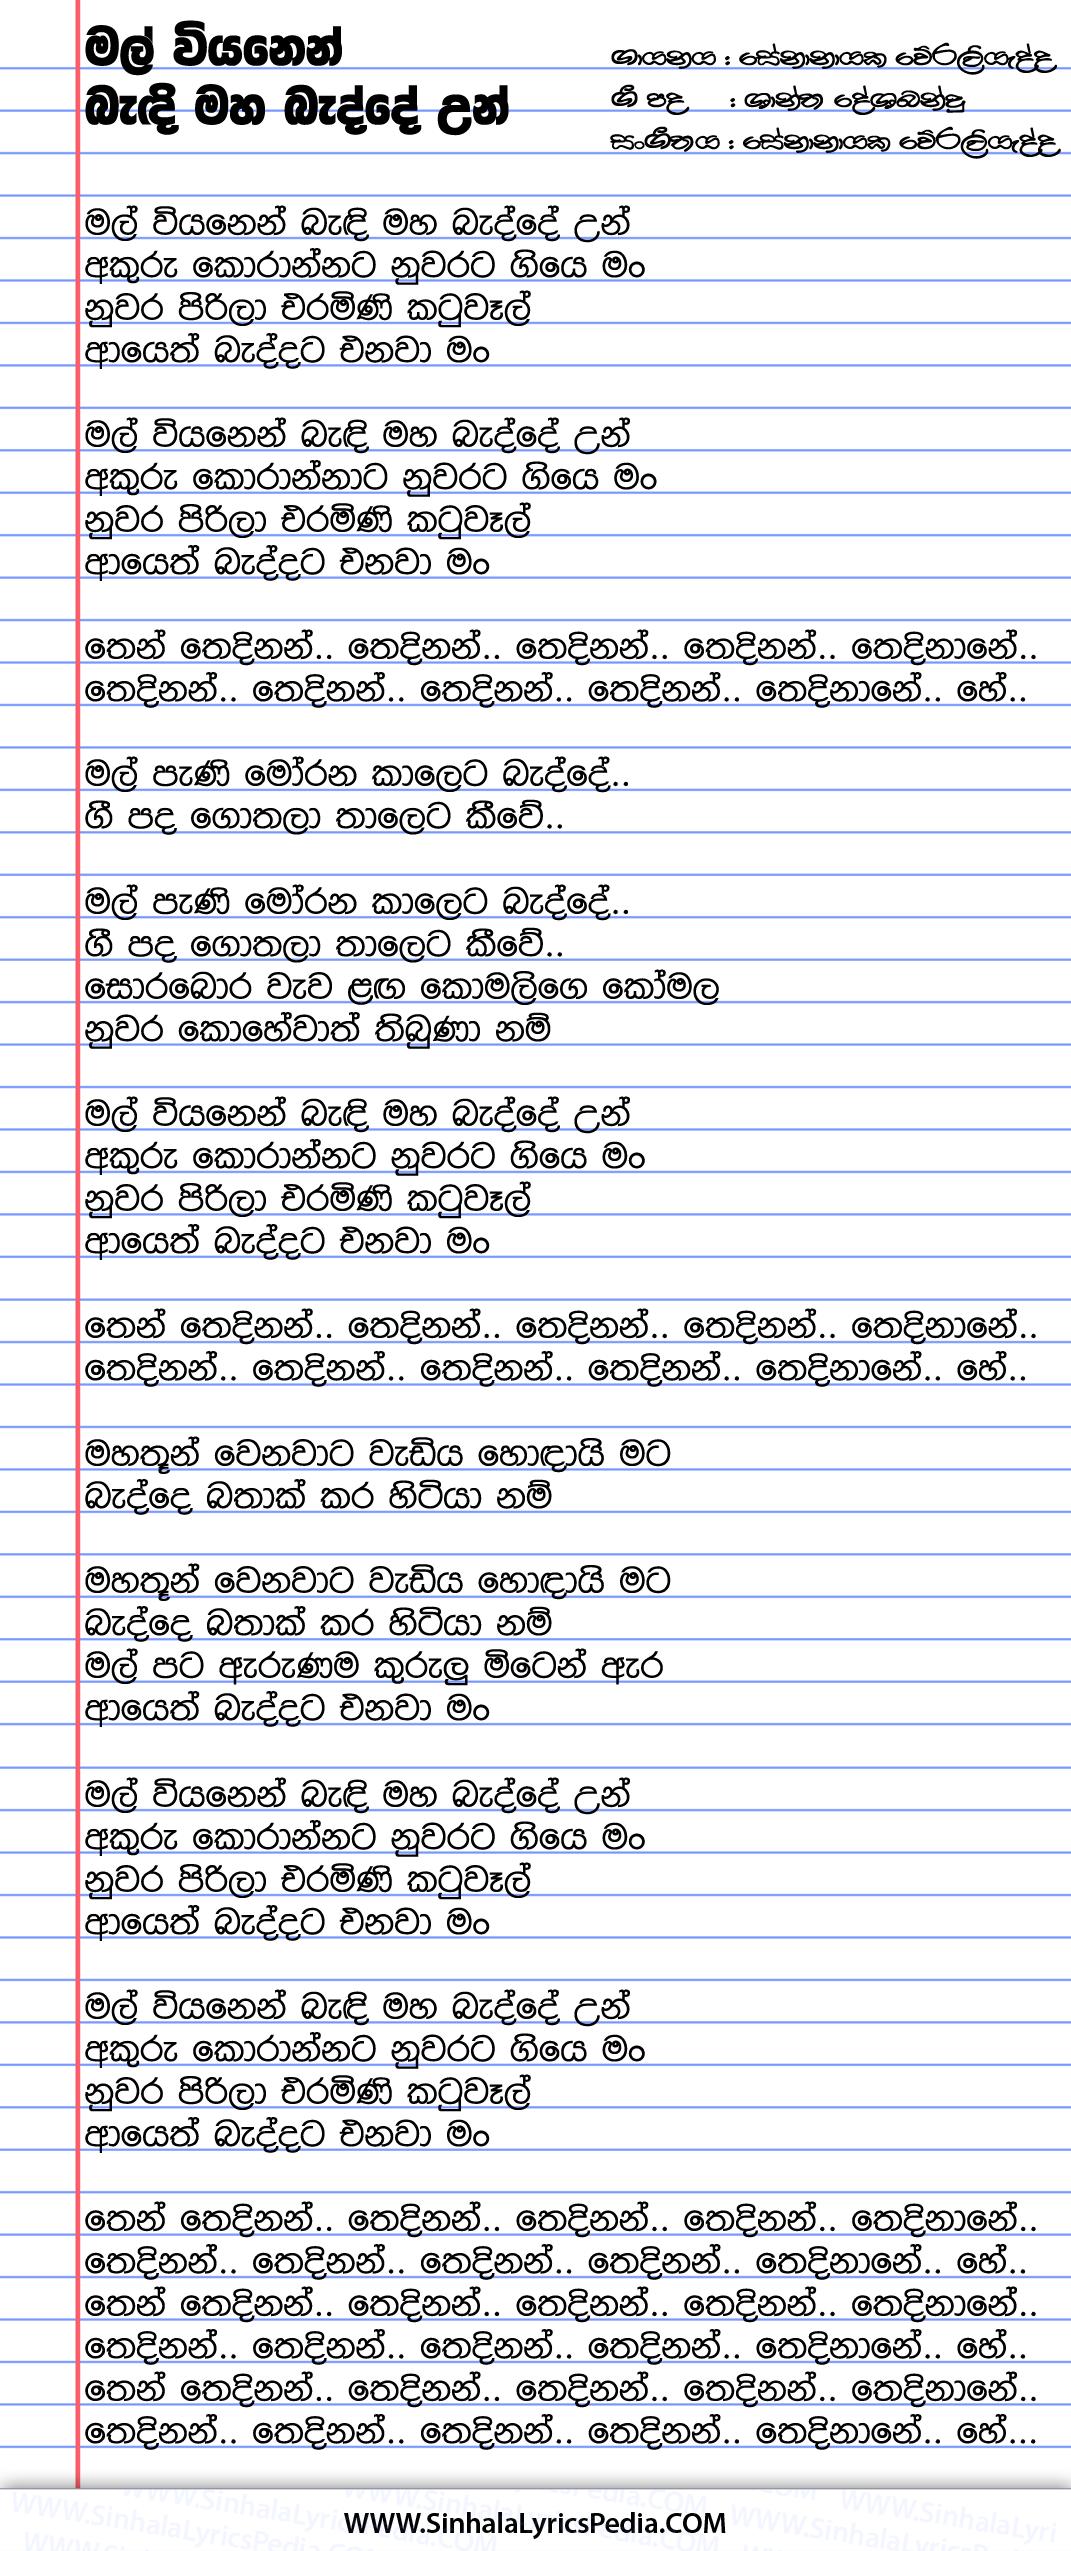 Mal Viyanen Bandi Song Lyrics